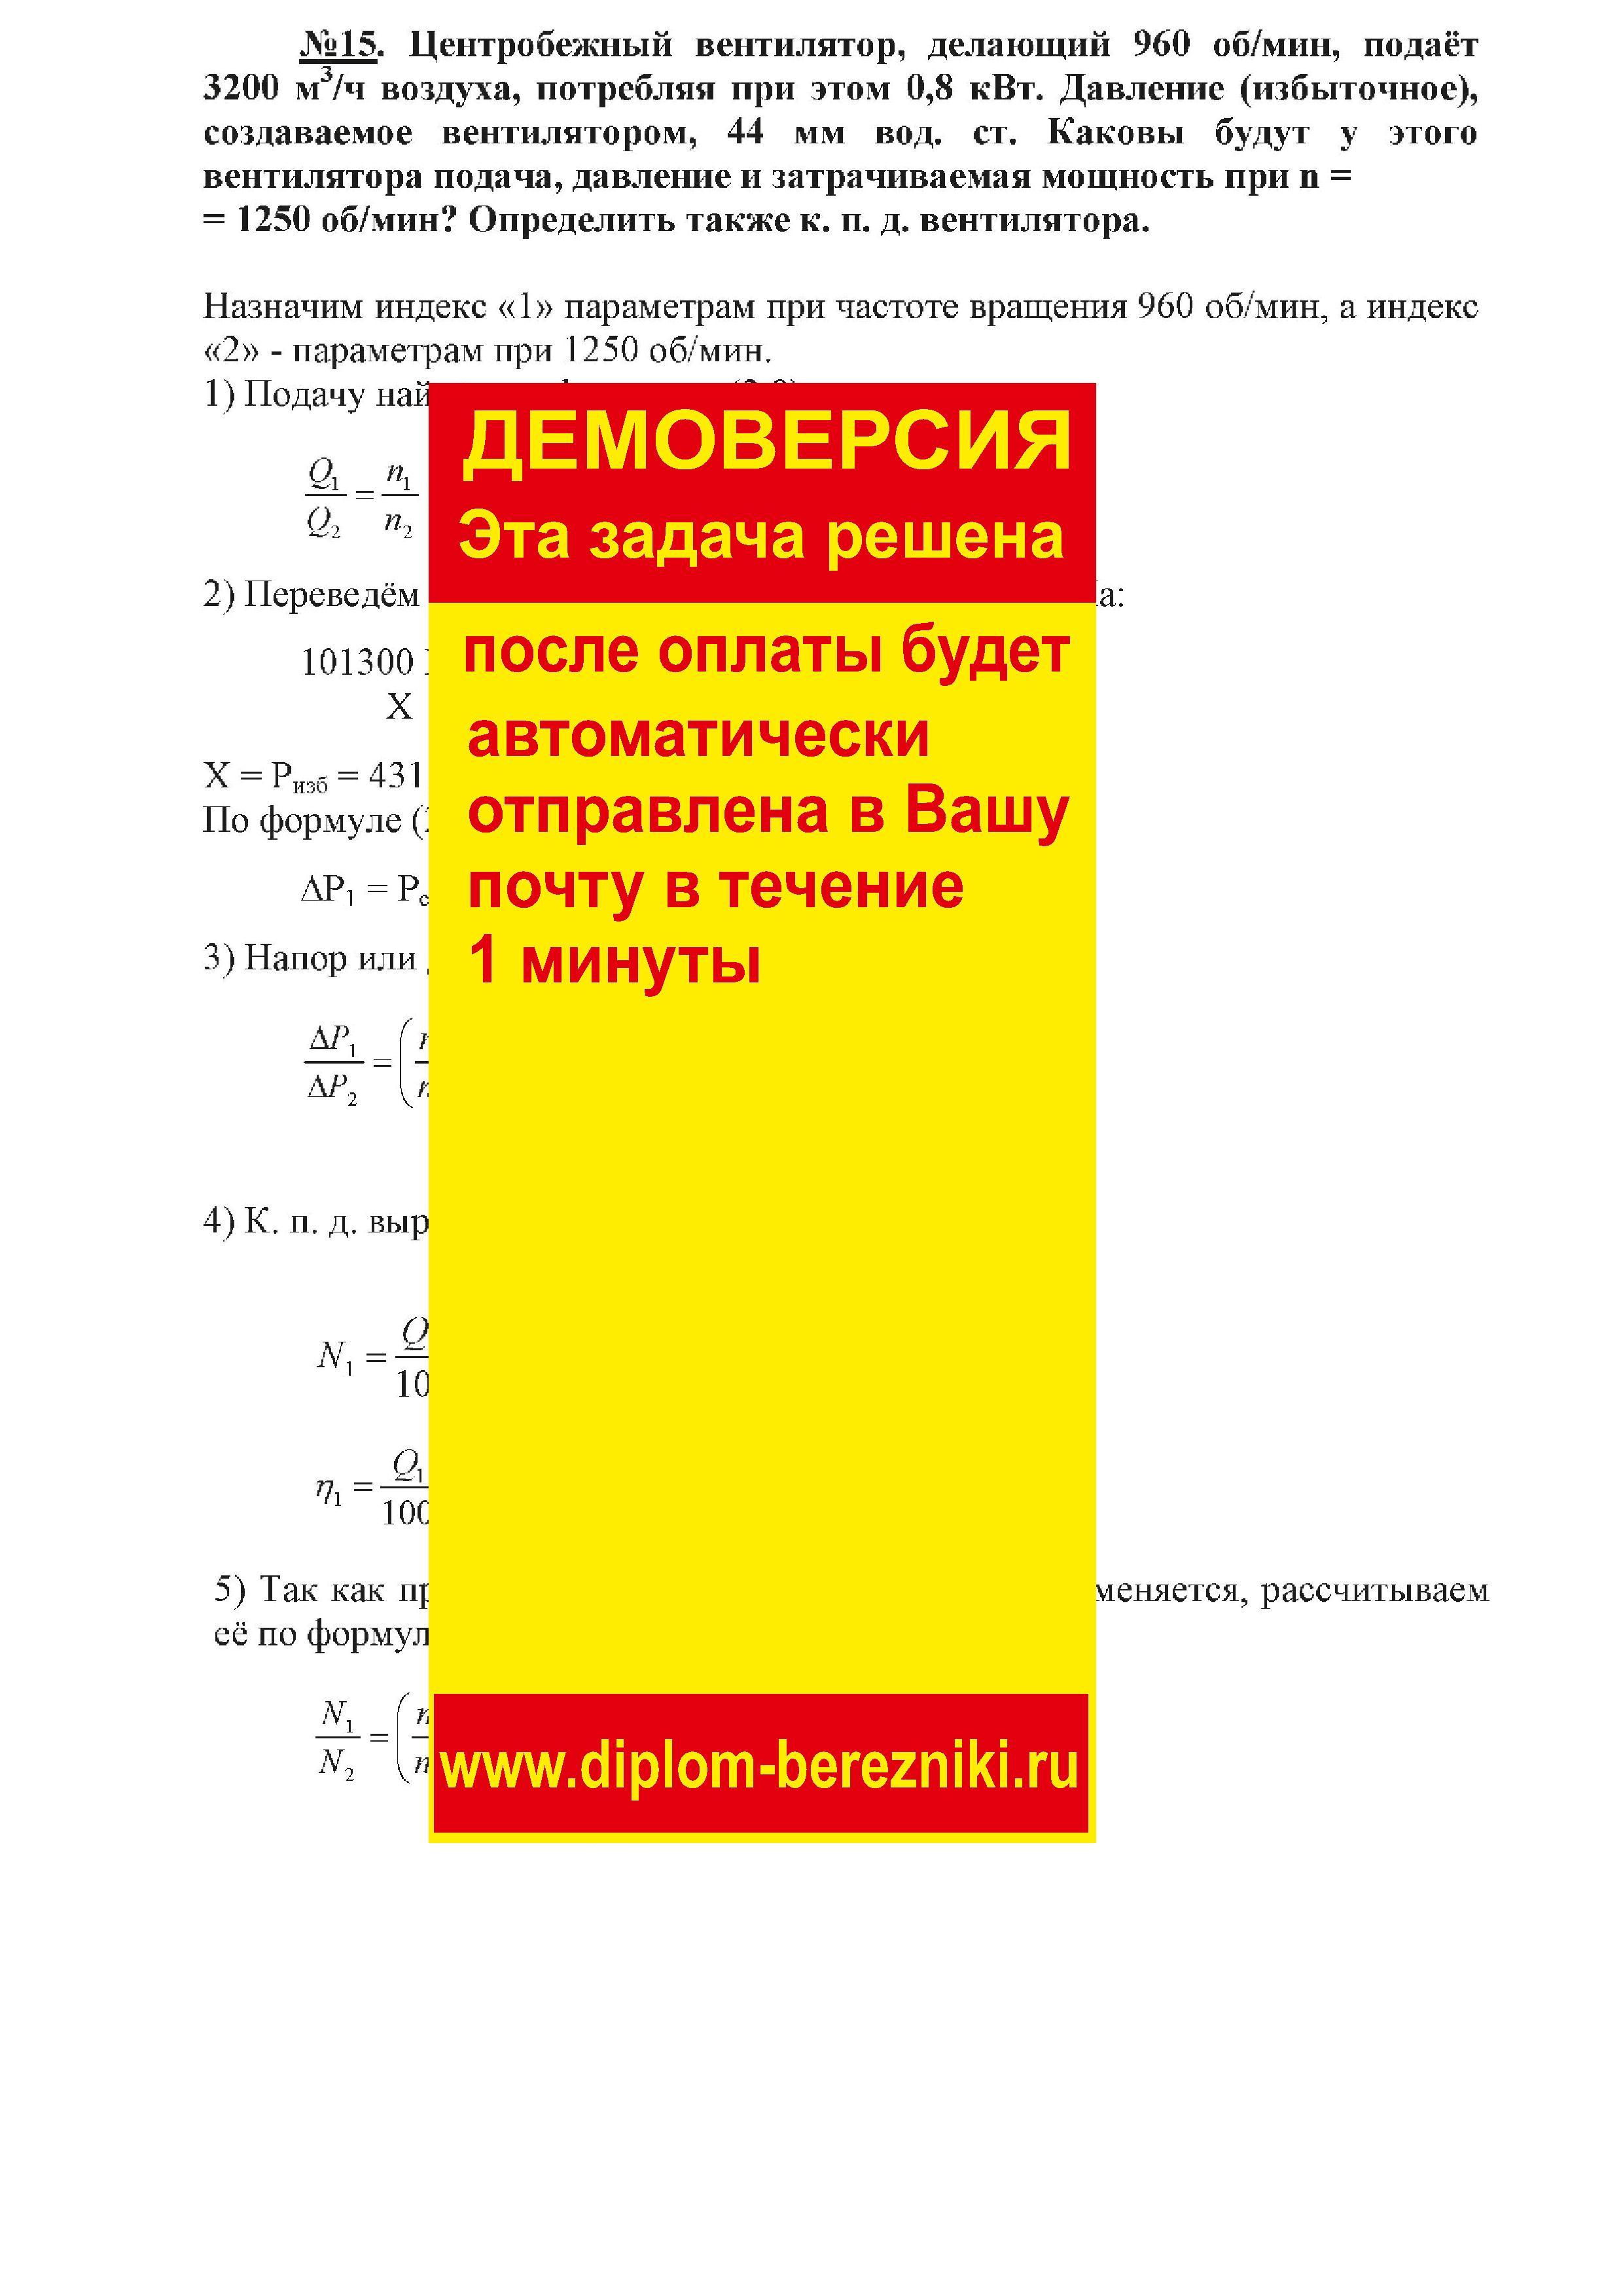 Решение задачи 2.15 по ПАХТ из задачника Павлова Романкова Носкова